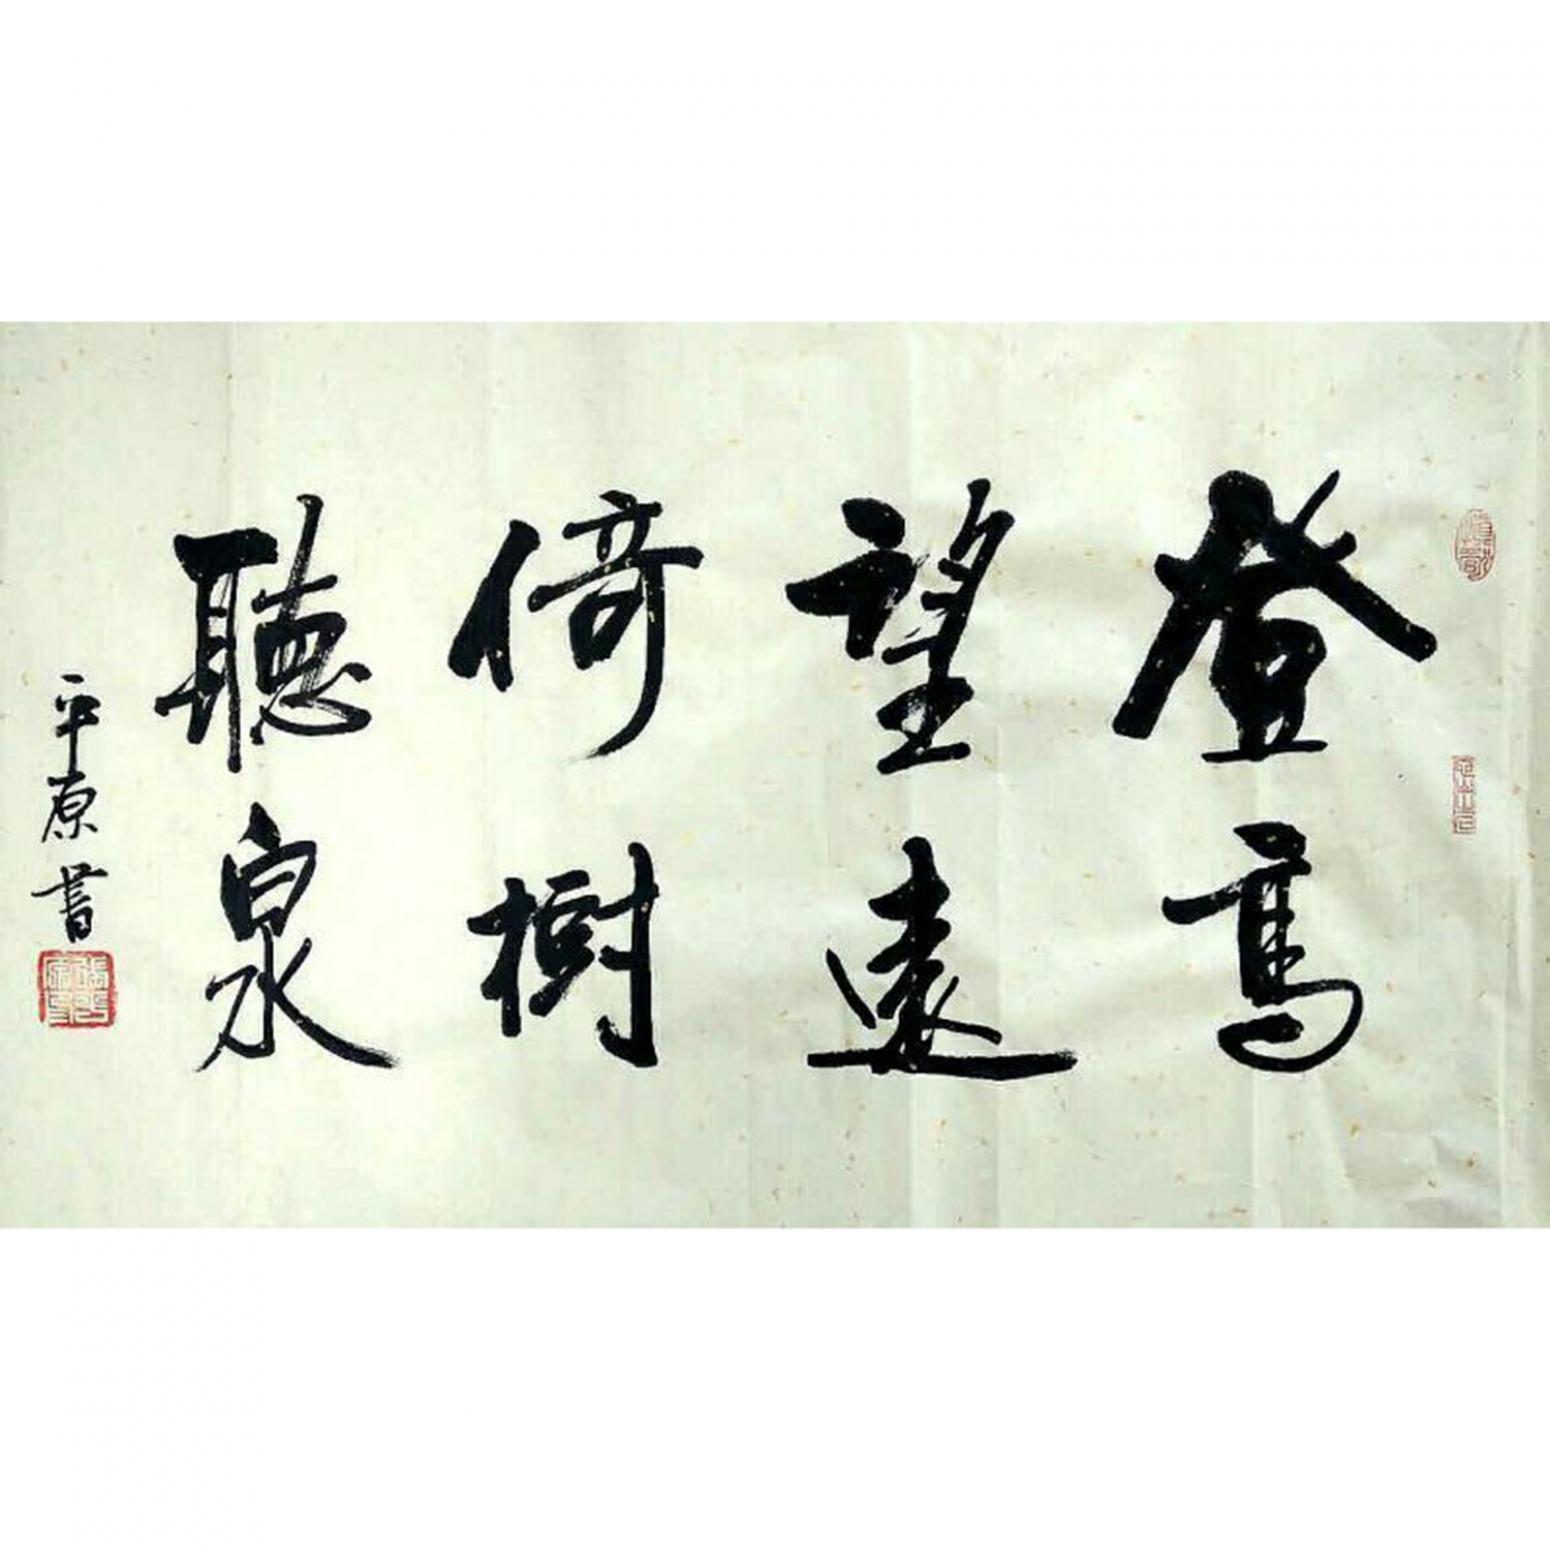 张平原书法作品《【登高望远】作者张平原》